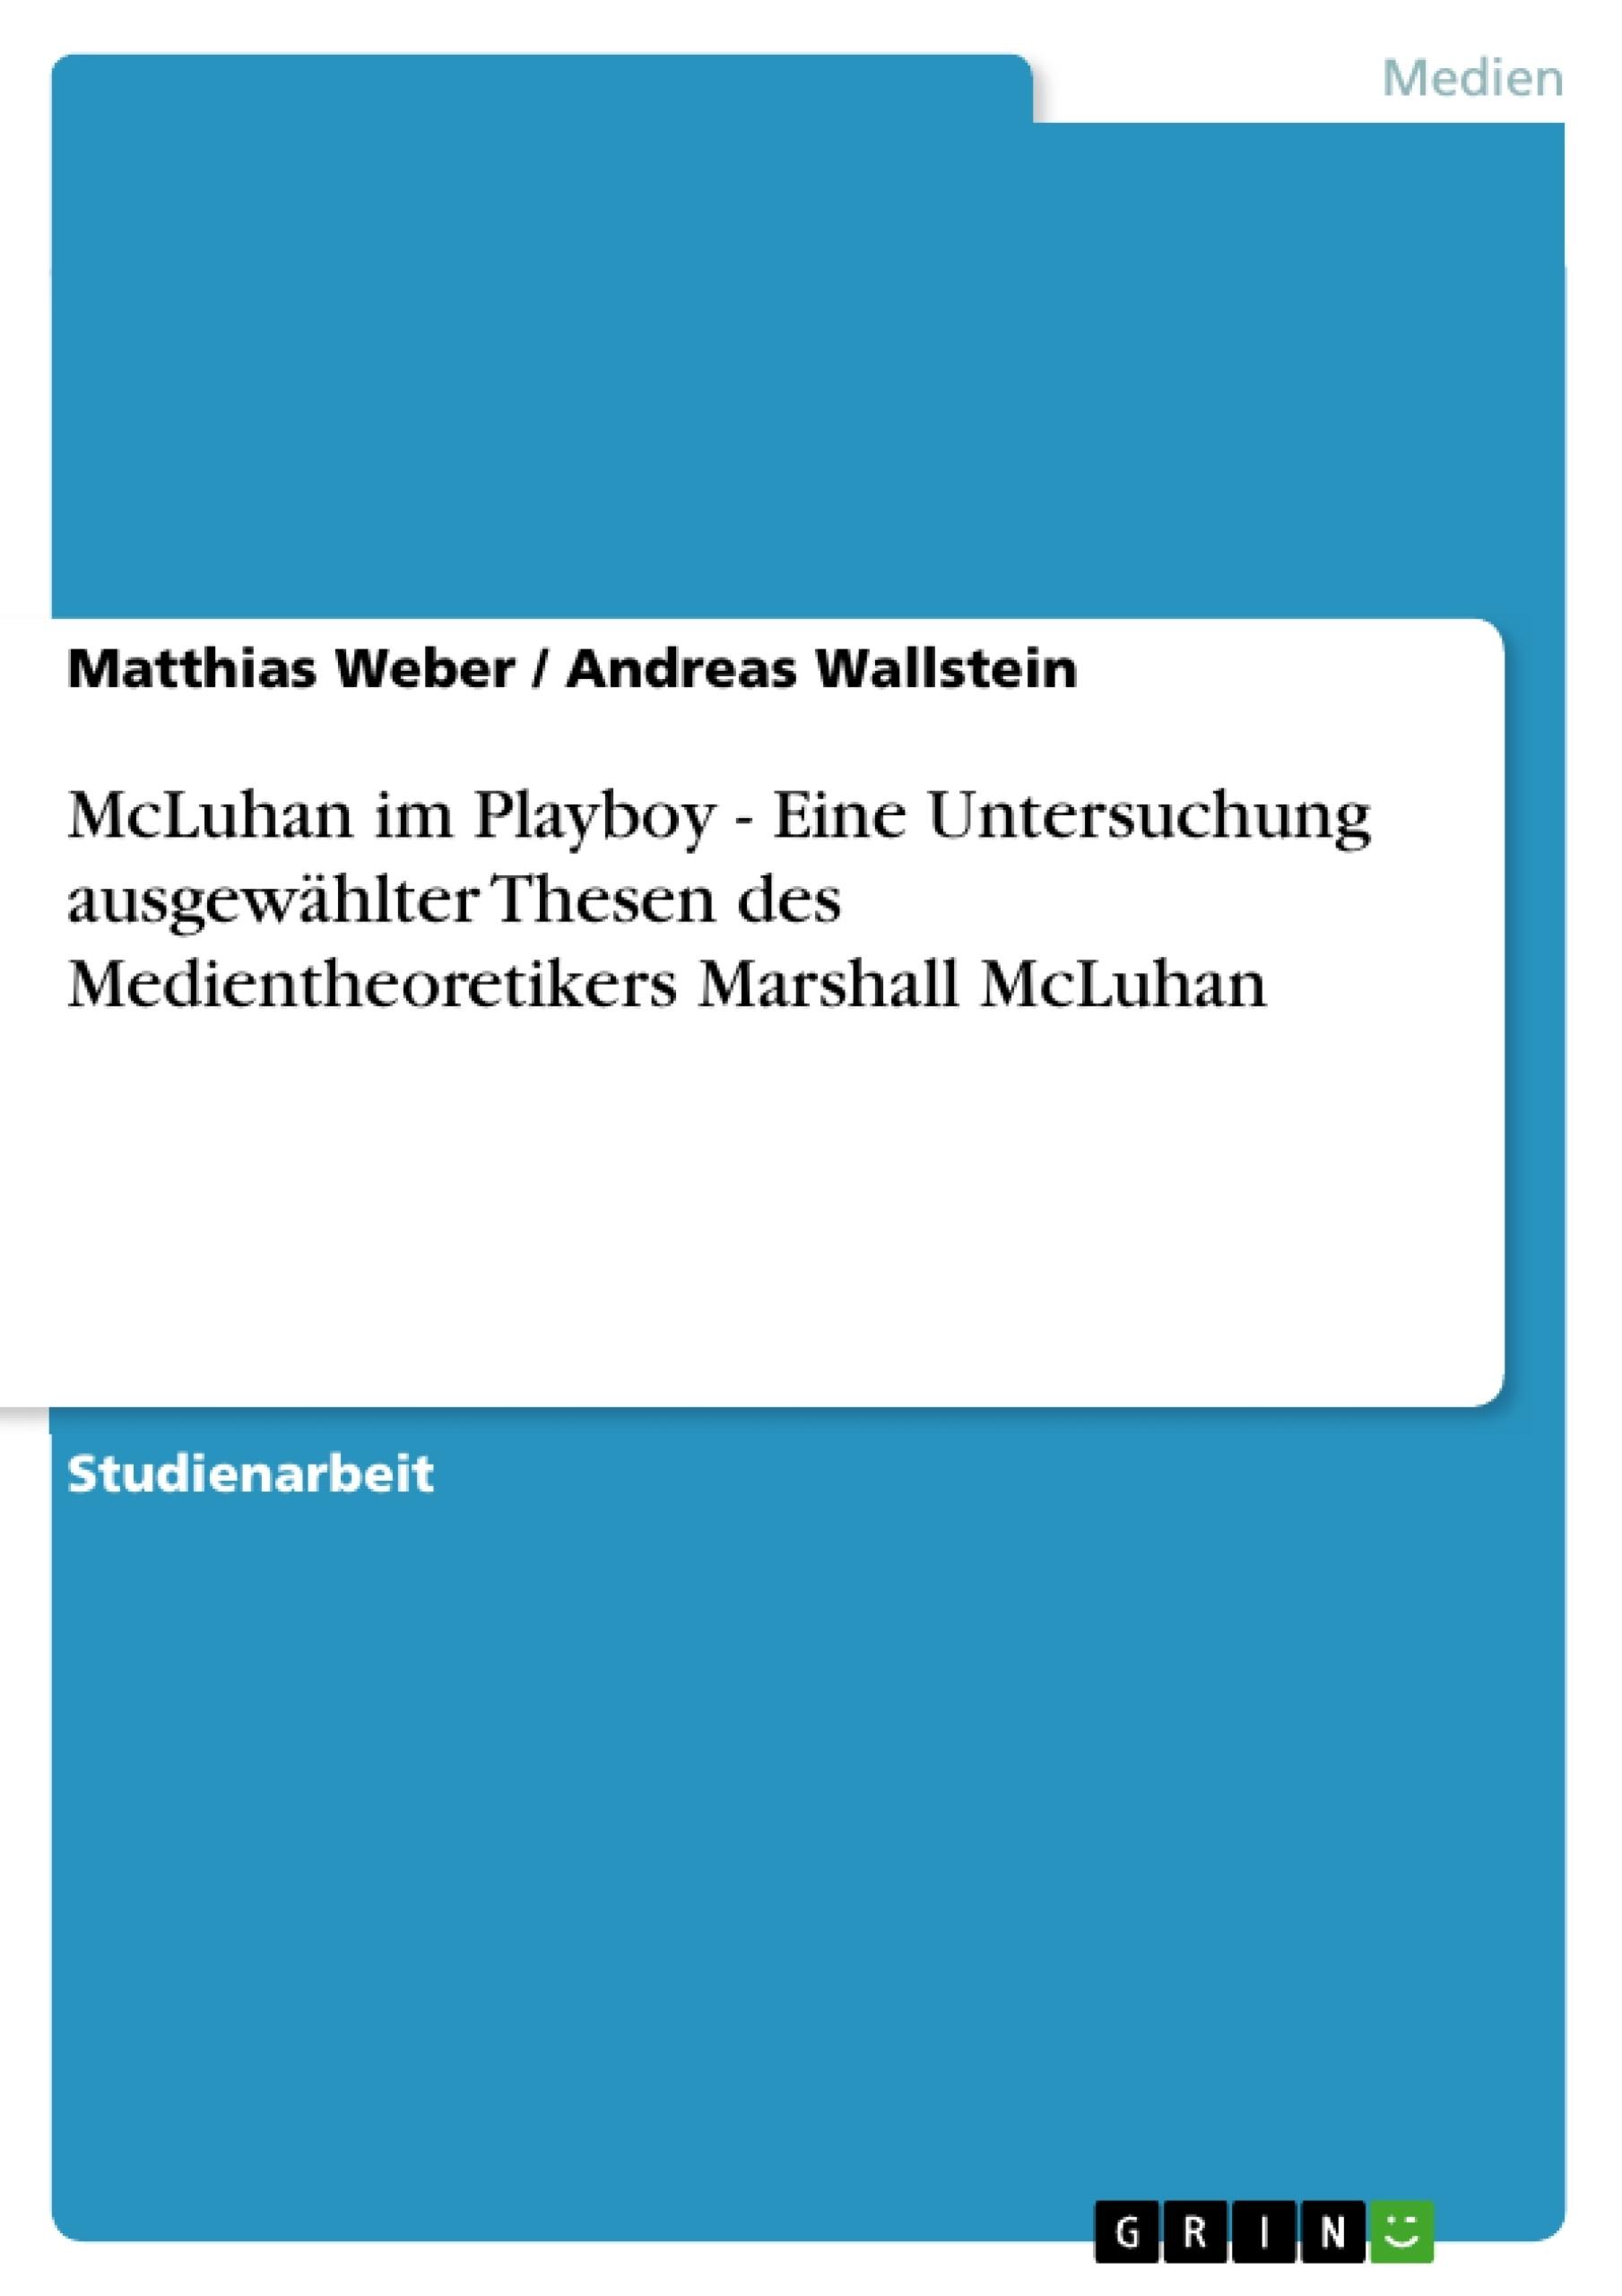 Titel: McLuhan im Playboy - Eine Untersuchung ausgewählter Thesen des Medientheoretikers Marshall McLuhan